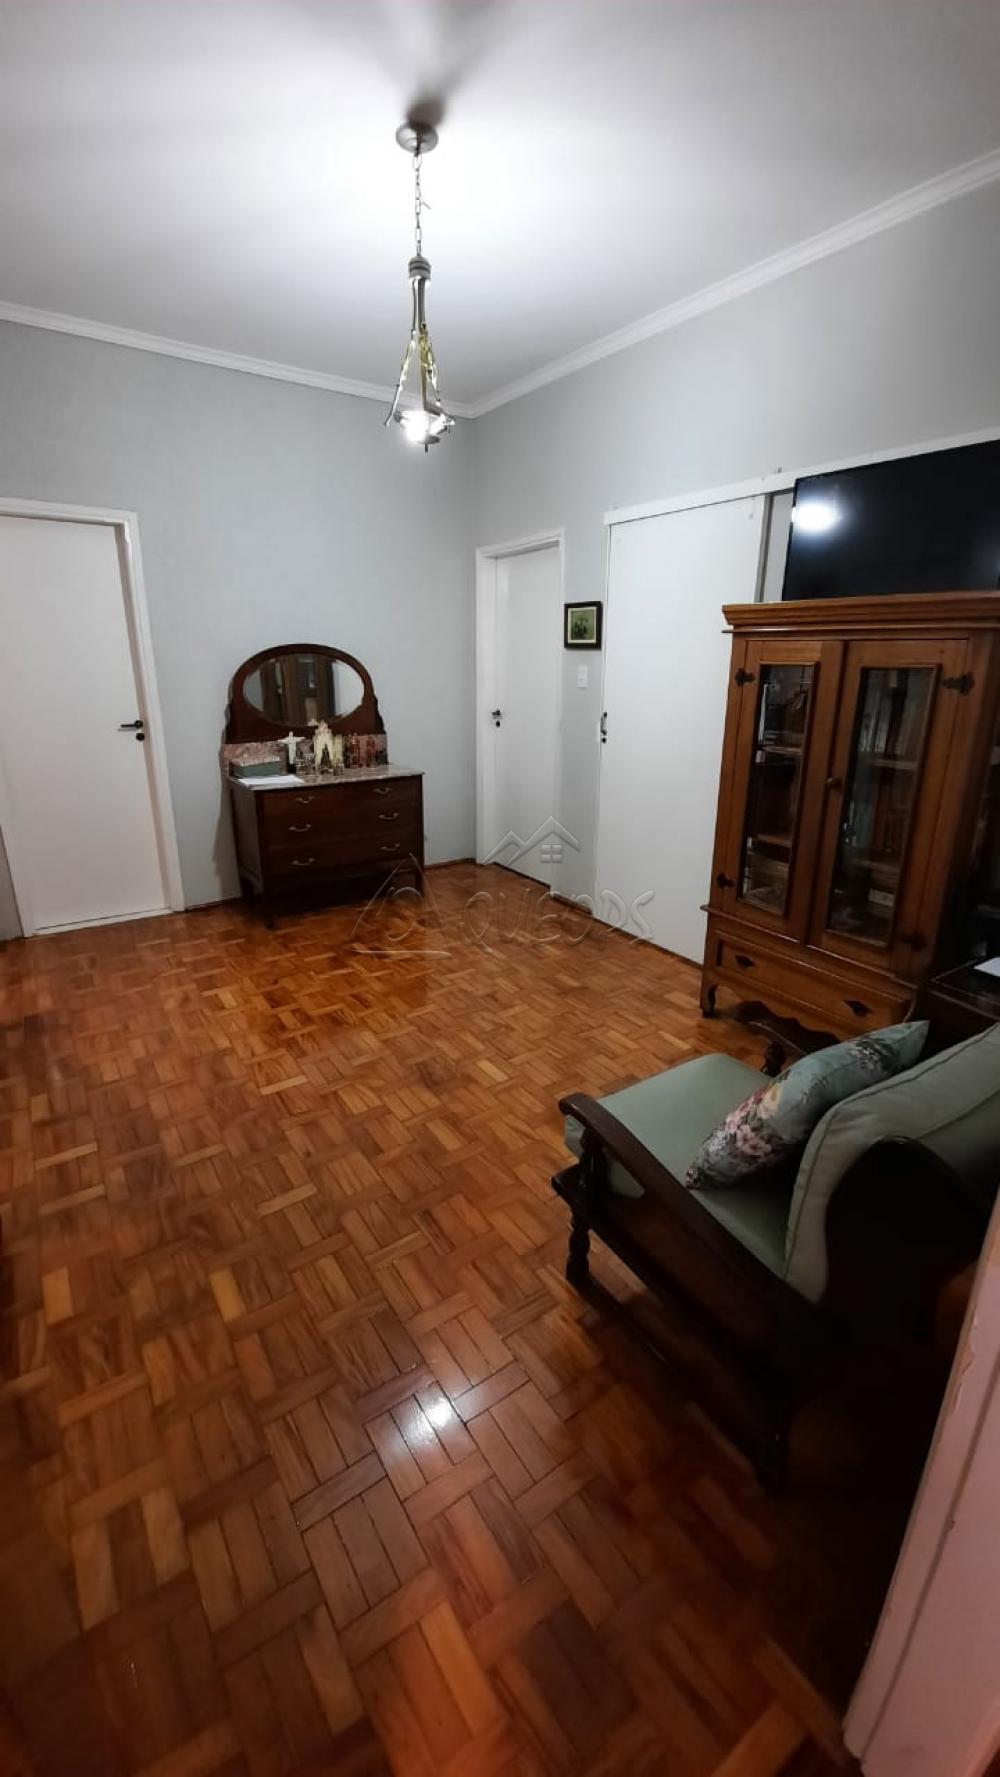 Comprar Casa / Padrão em Barretos apenas R$ 500.000,00 - Foto 25